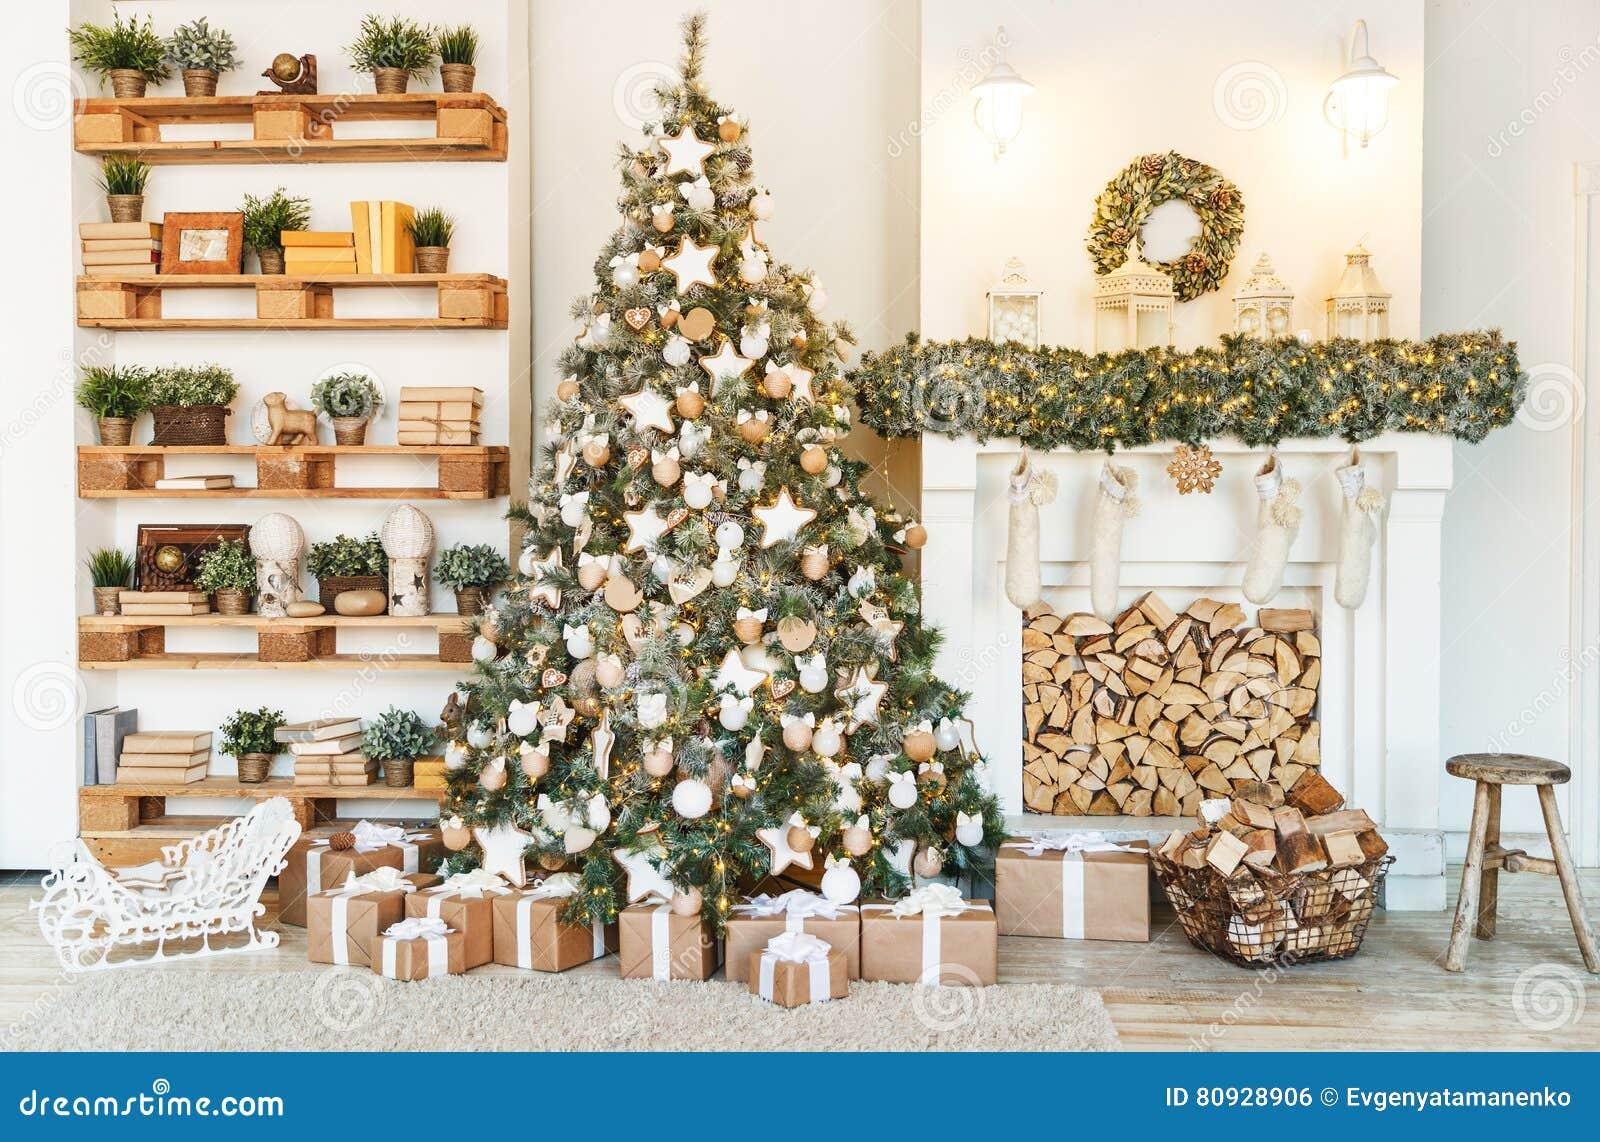 Christmas decor. Christmas tree decorations homes